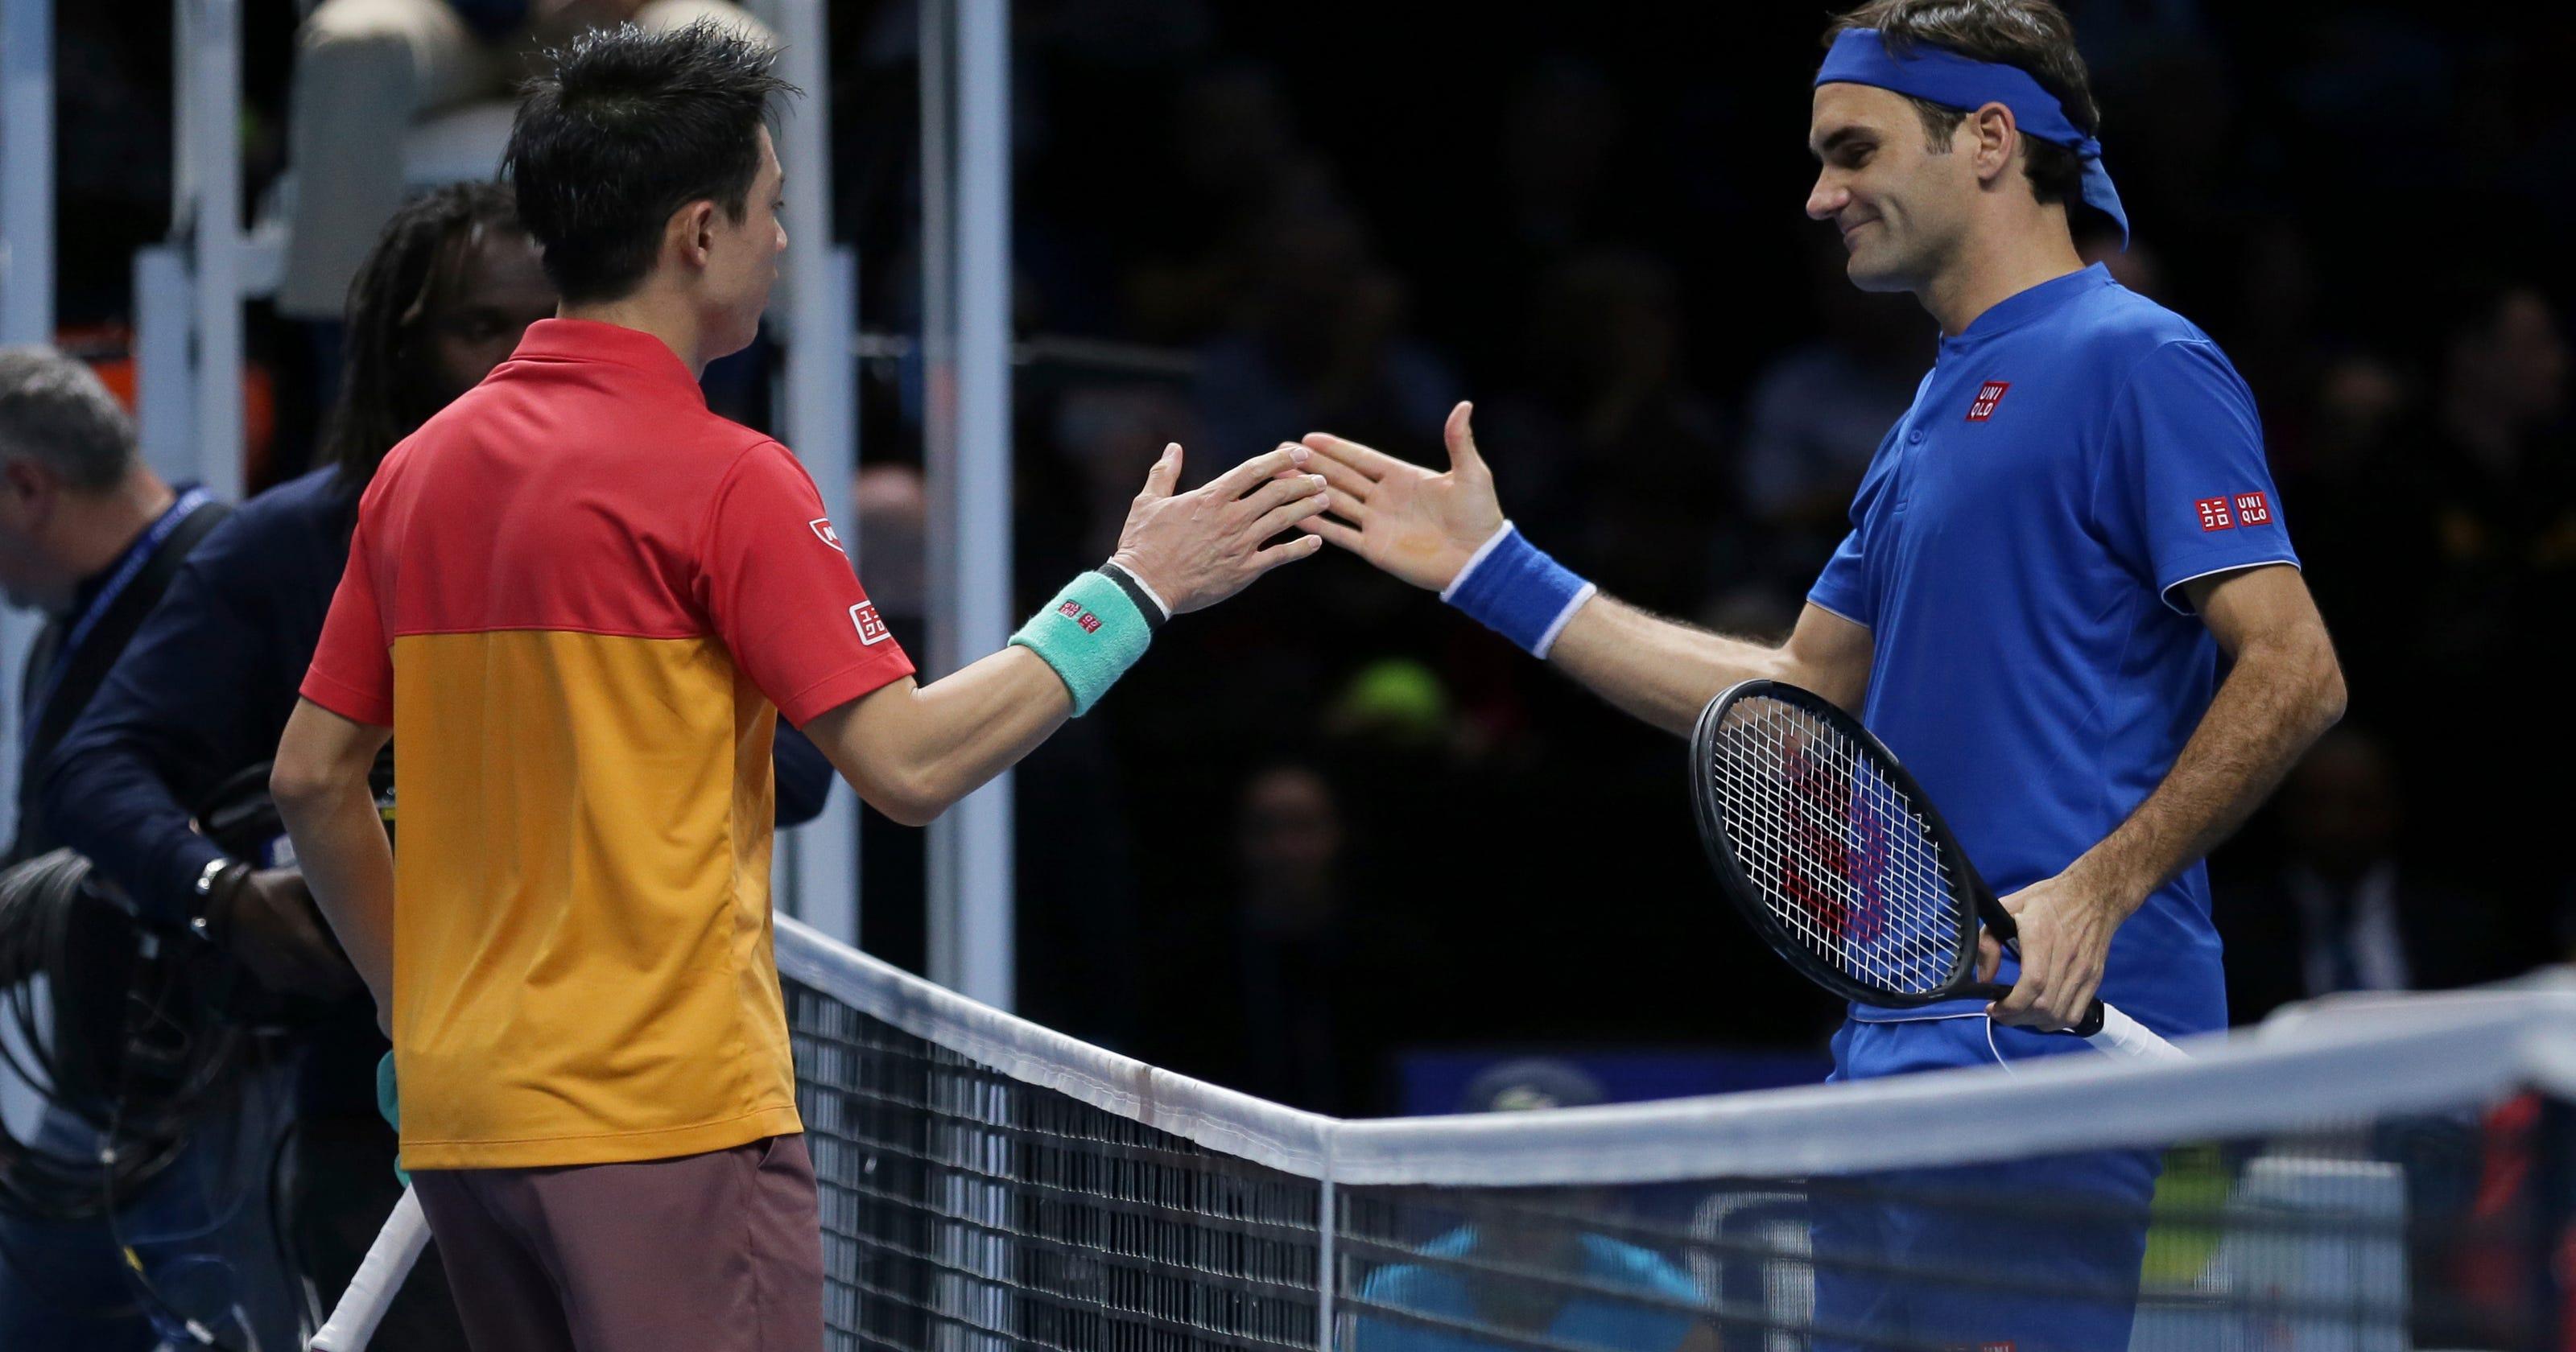 eac08588 Flustered Federer loses ATP Finals opener to Nishikori